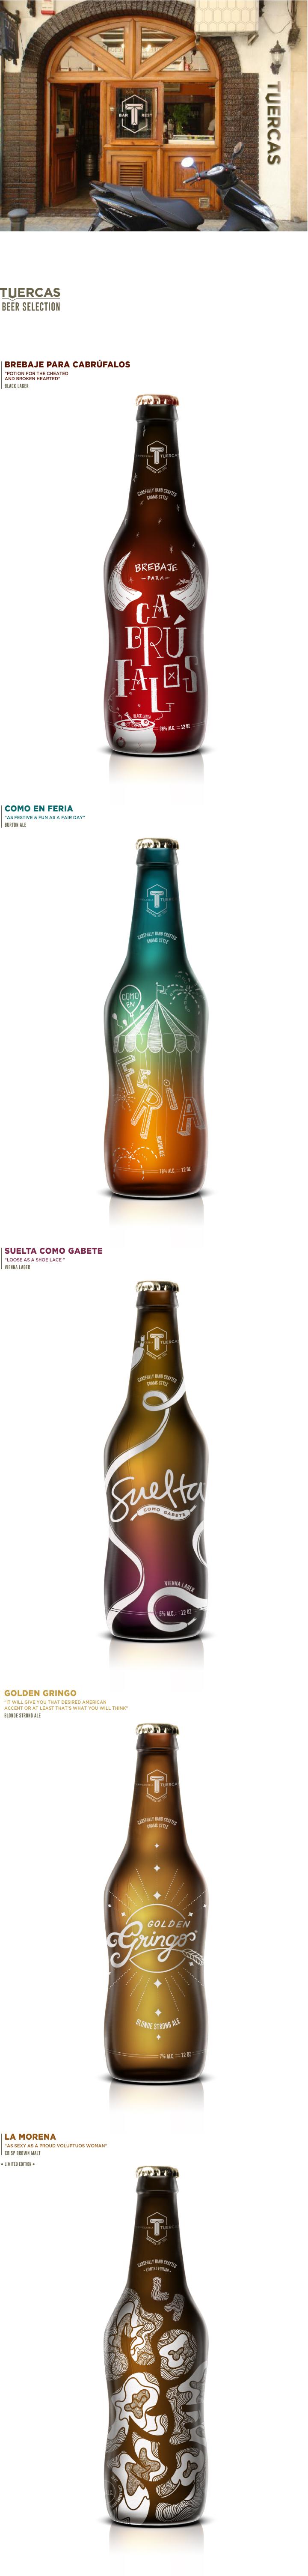 Beer_behance_squarespace.jpg